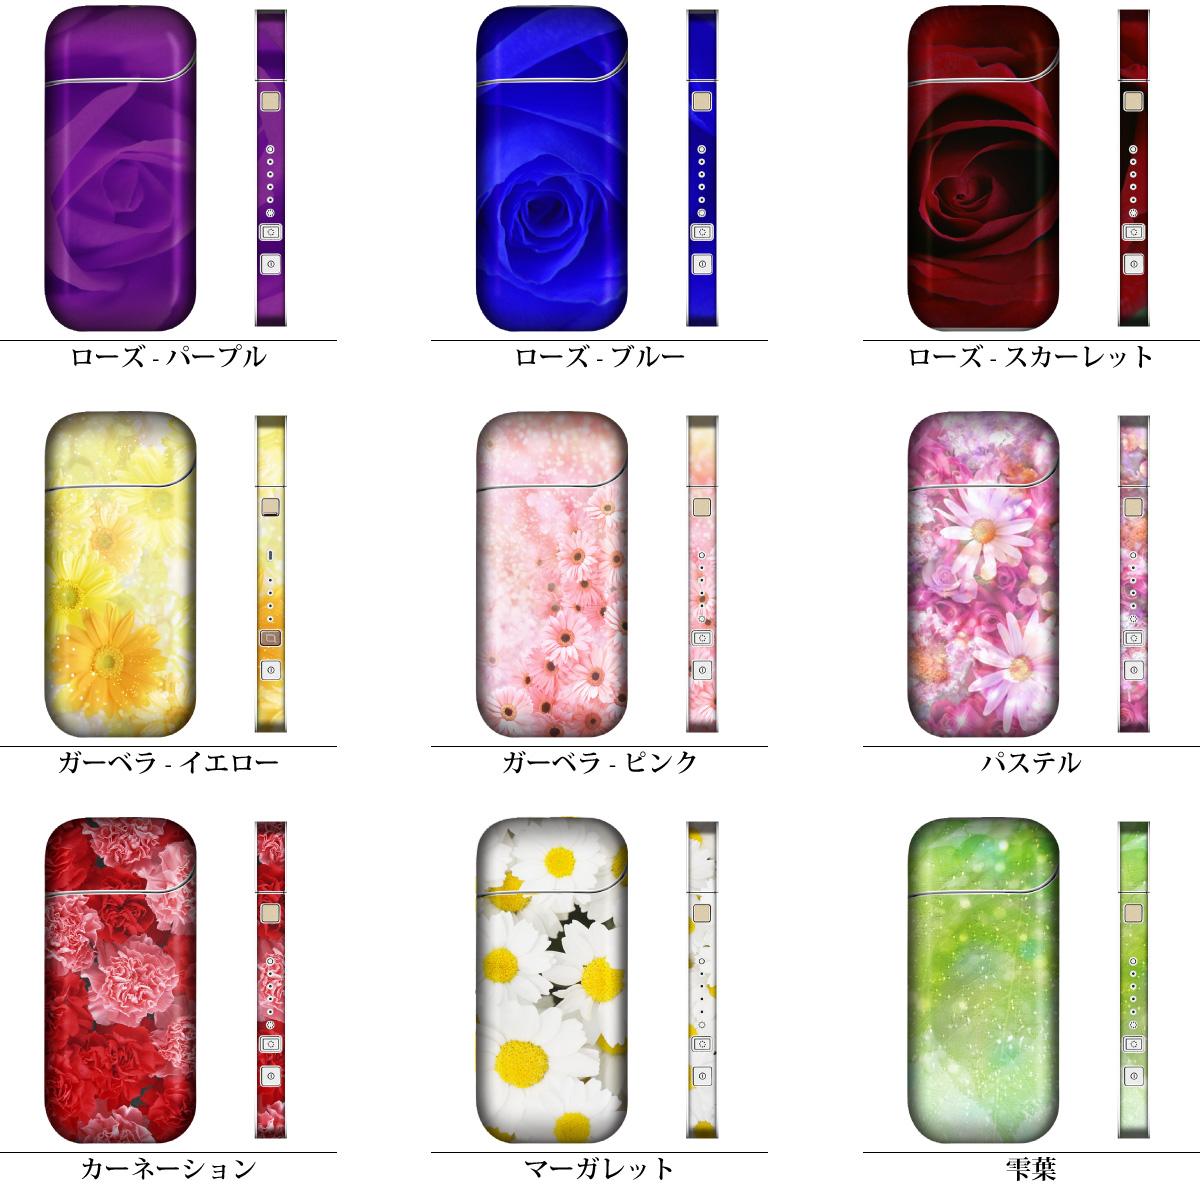 iQOS(アイコス) 専用 デコレーション スキンシール 表面・裏面&側面セット 【 フラワーローズ/フラワー シリーズ 】